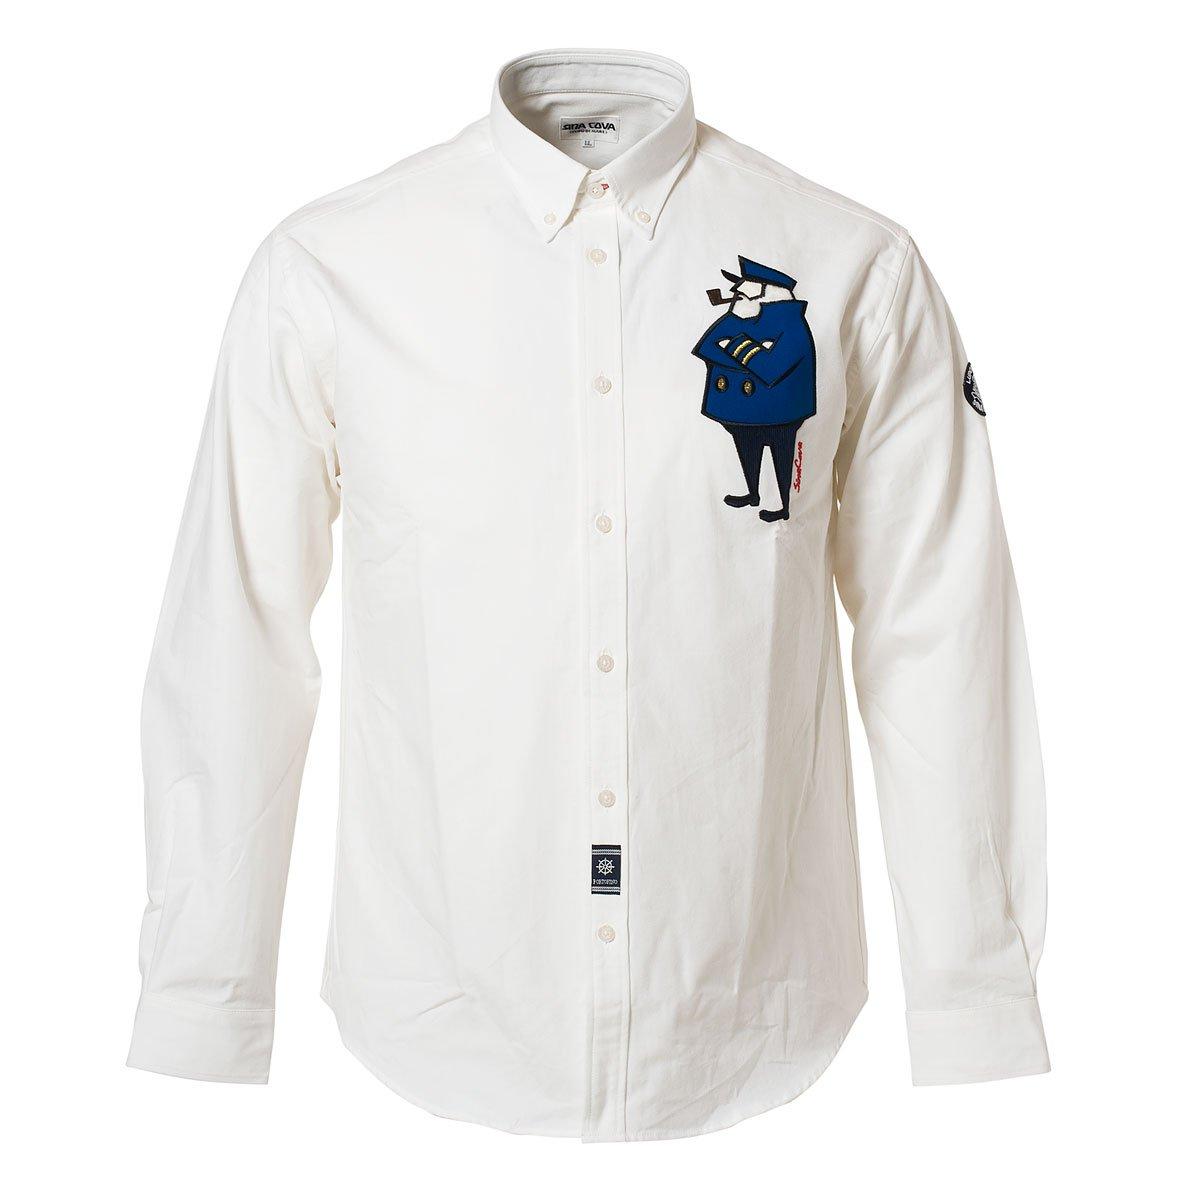 (シナコバ) SINA COVA ボタンダウンシャツ B07533HC1M M|ホワイト ホワイト M